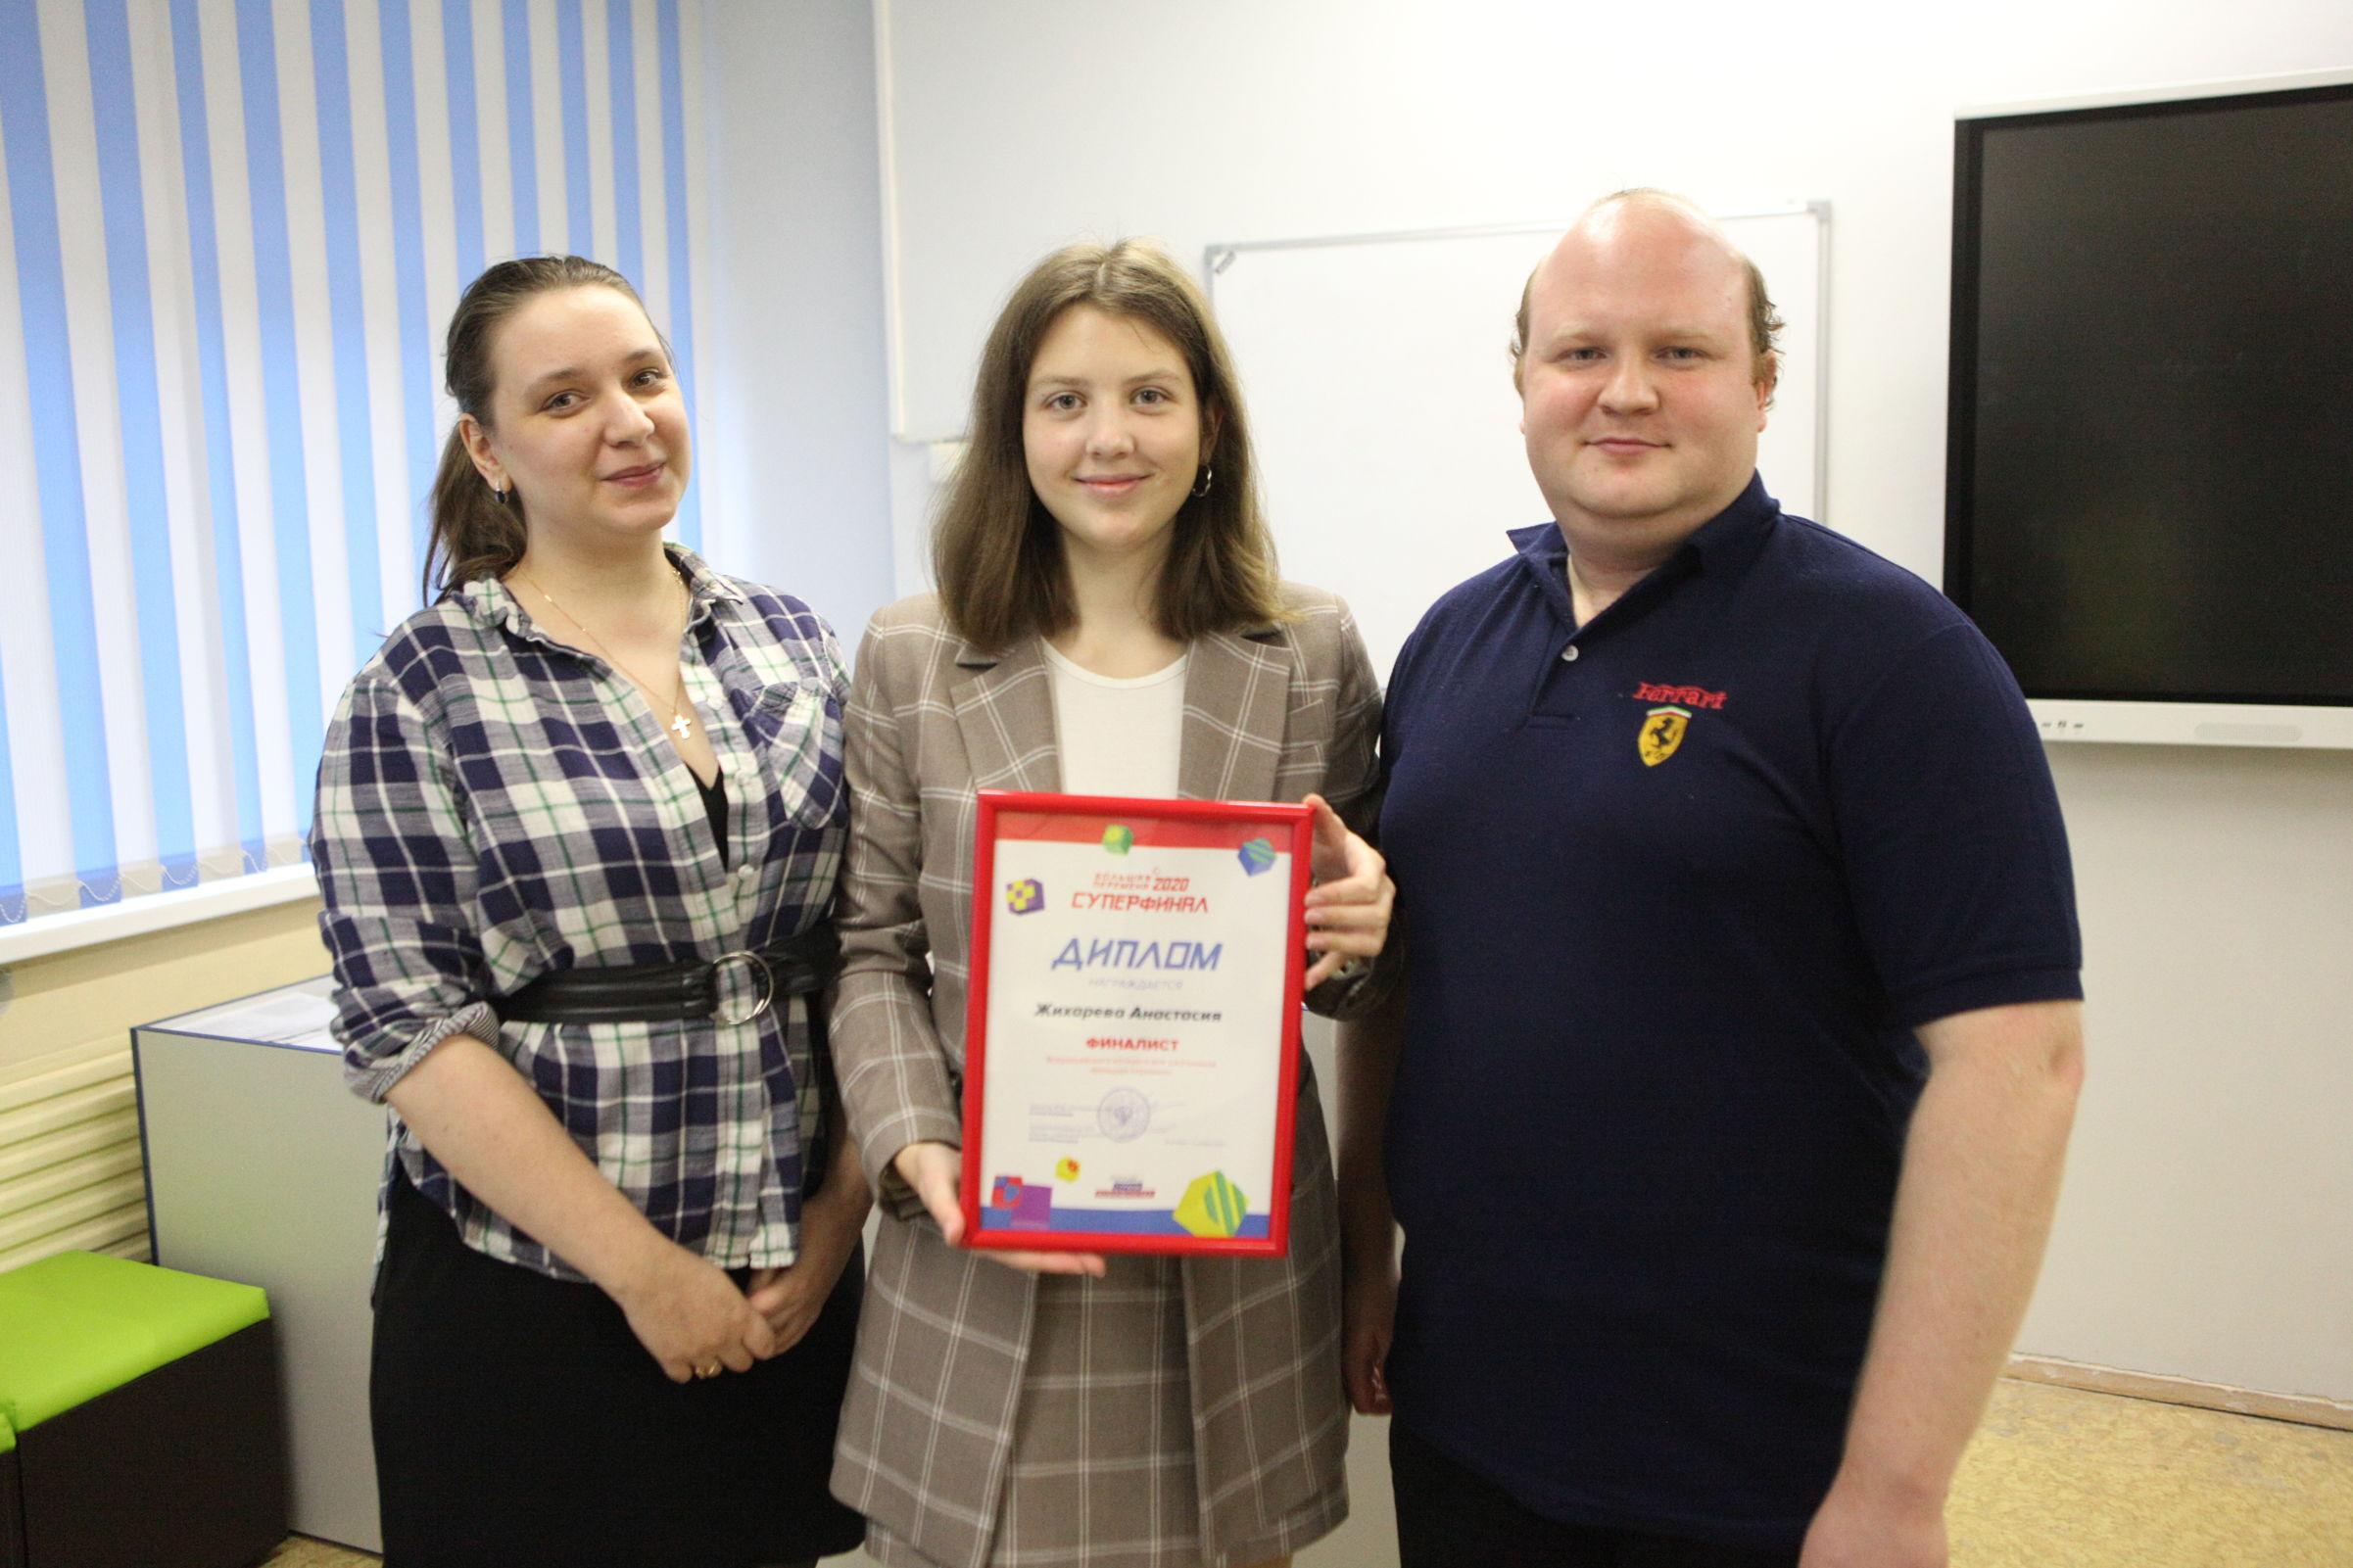 Как выиграть миллион: школьница из Ярославле рассказала о секрете успеха в конкурсе «Большая перемена»